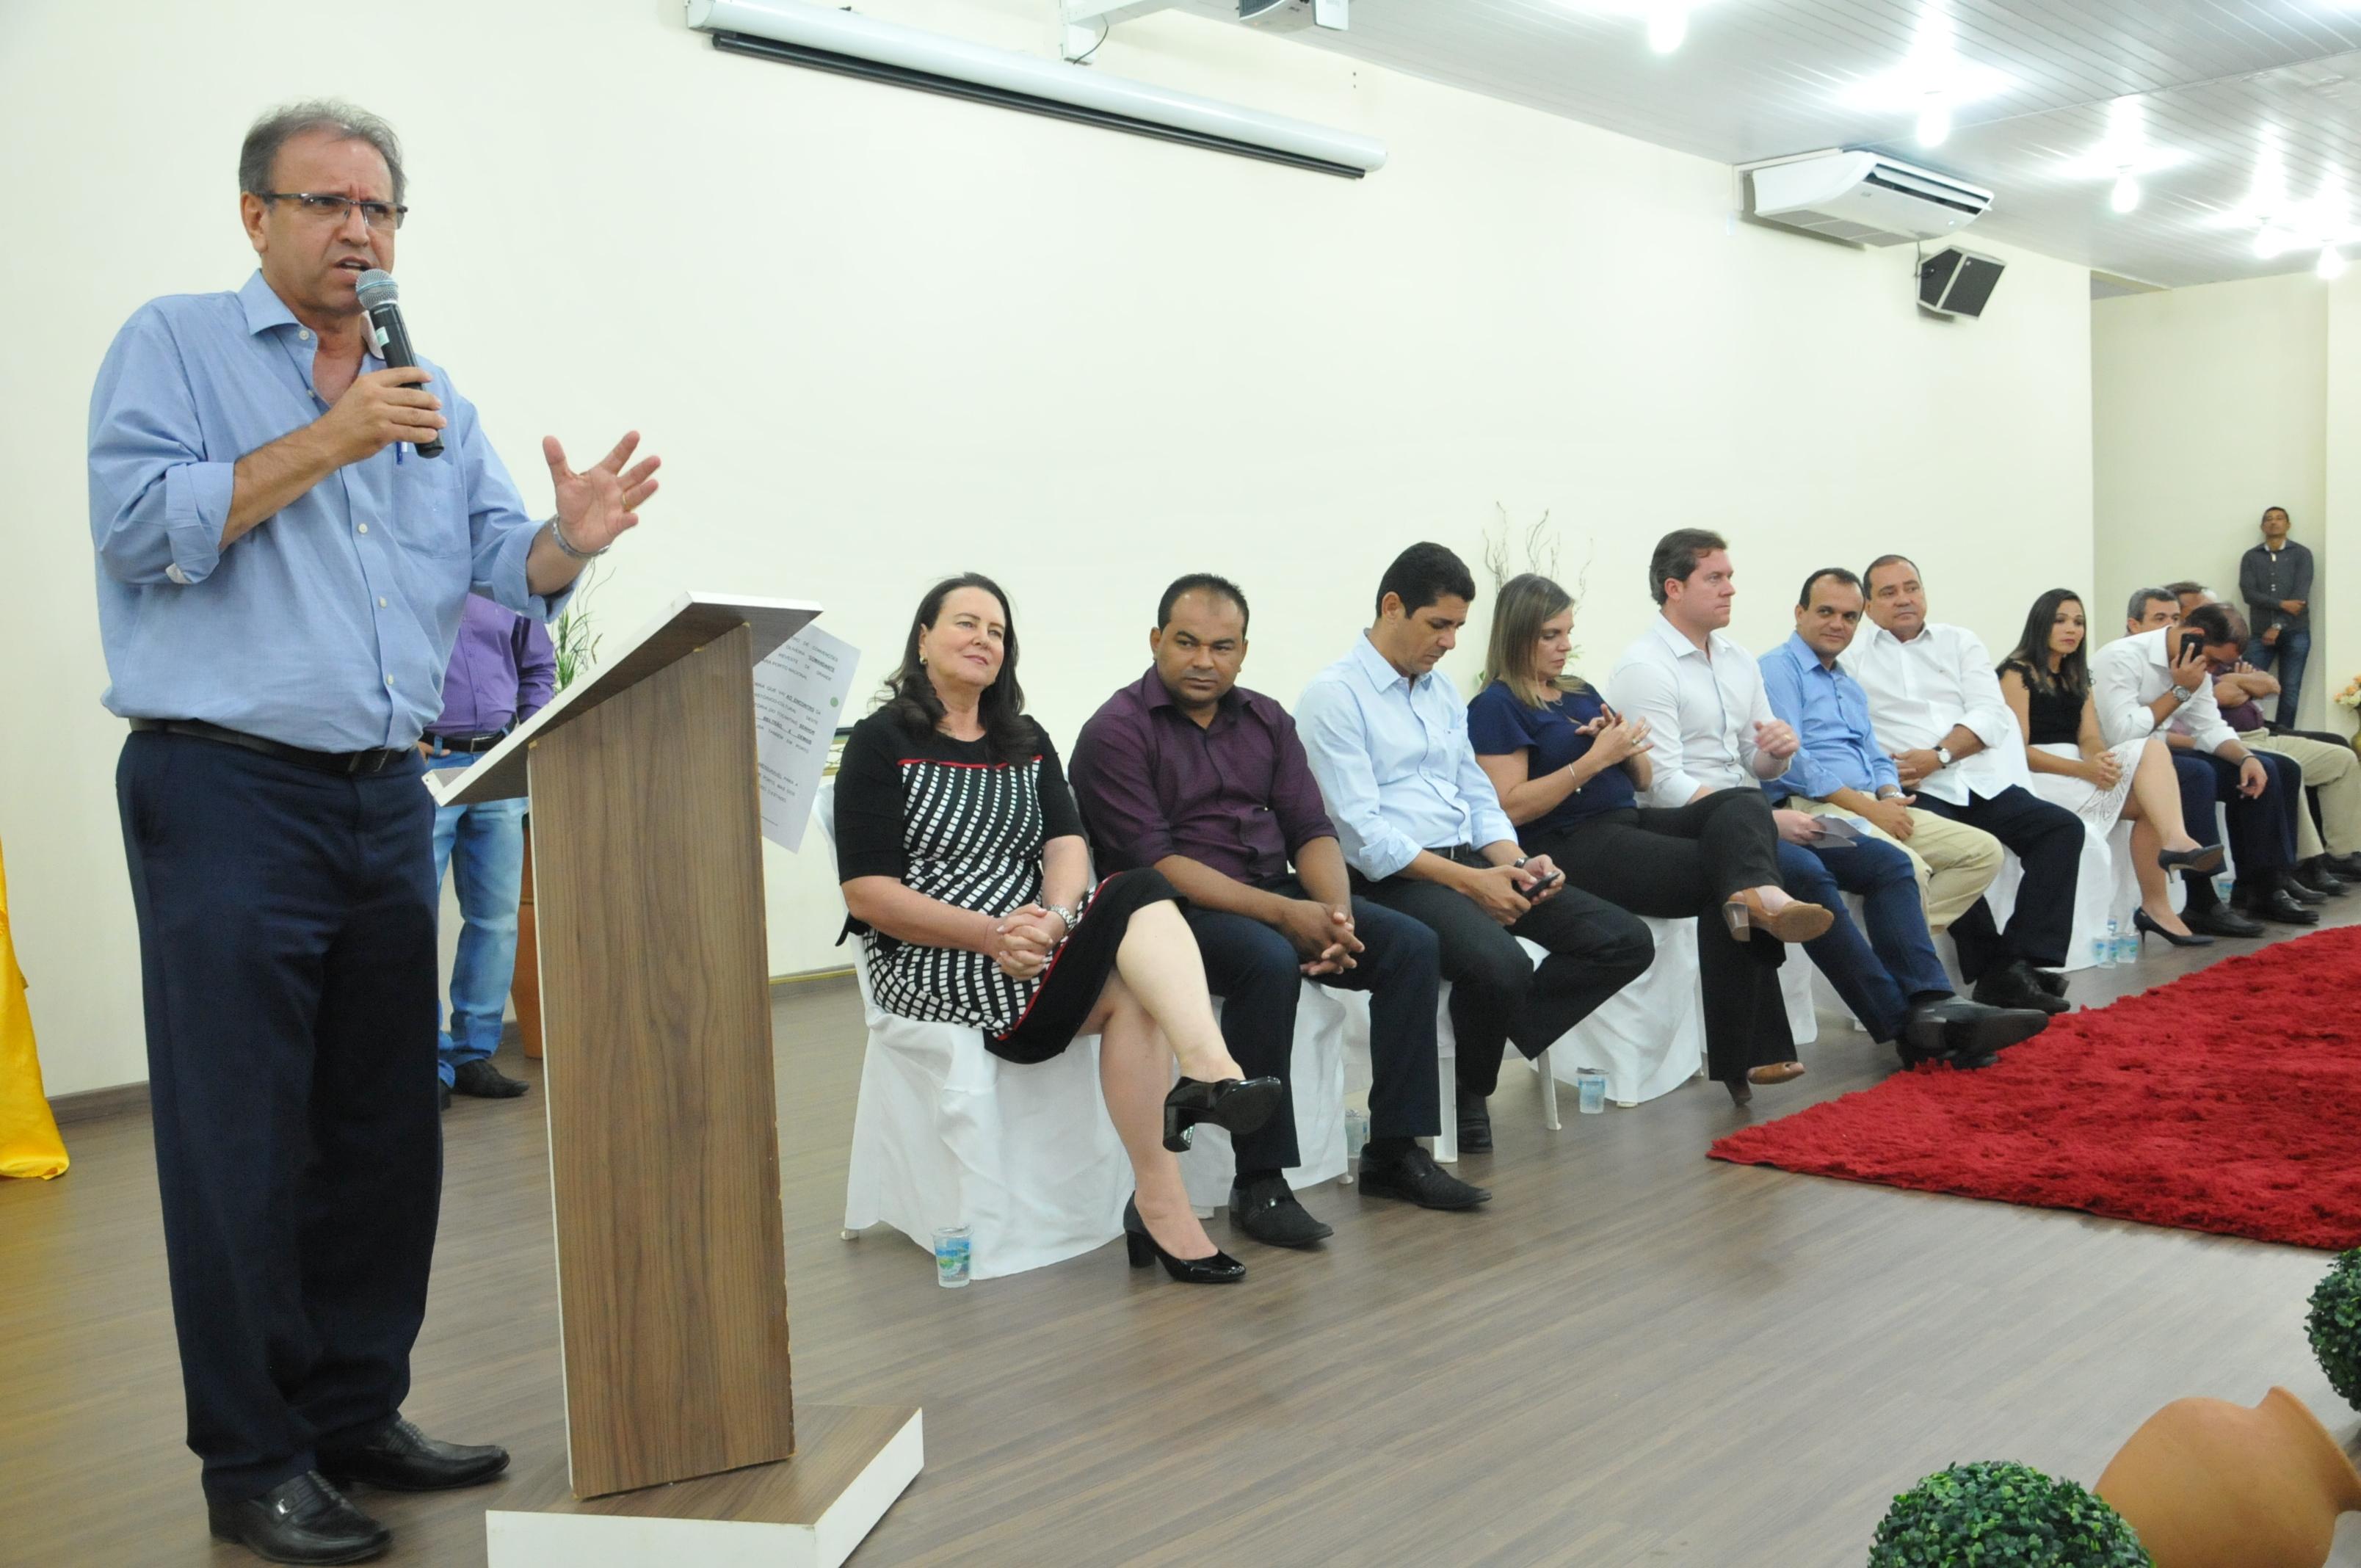 Marcelo Miranda prestigia inauguração do Centro de Convenções Comandante Vicentão em Porto Nacional